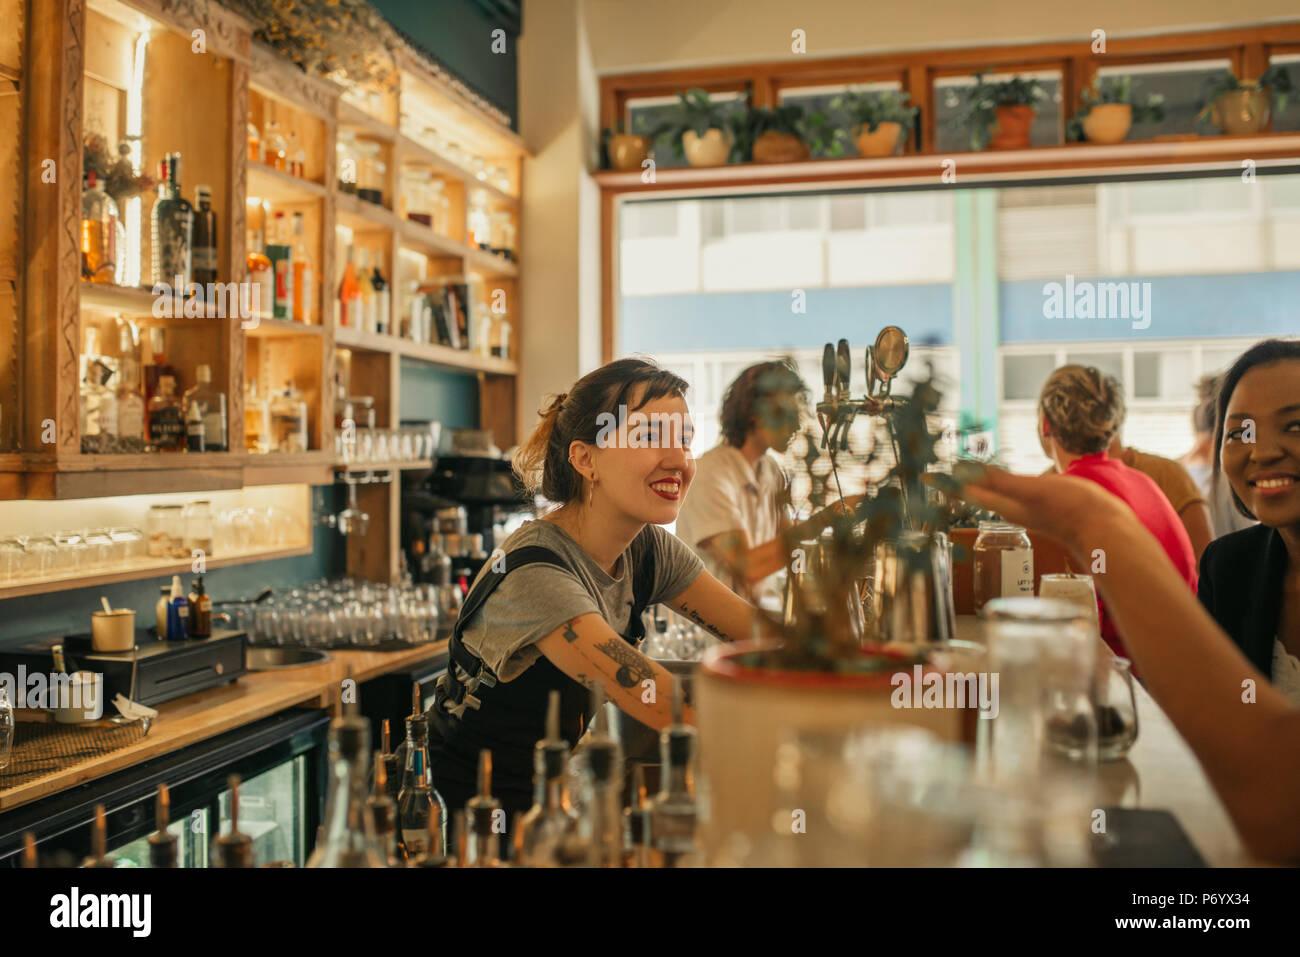 Sorridente barista parlando con i clienti a un banco di bar Immagini Stock